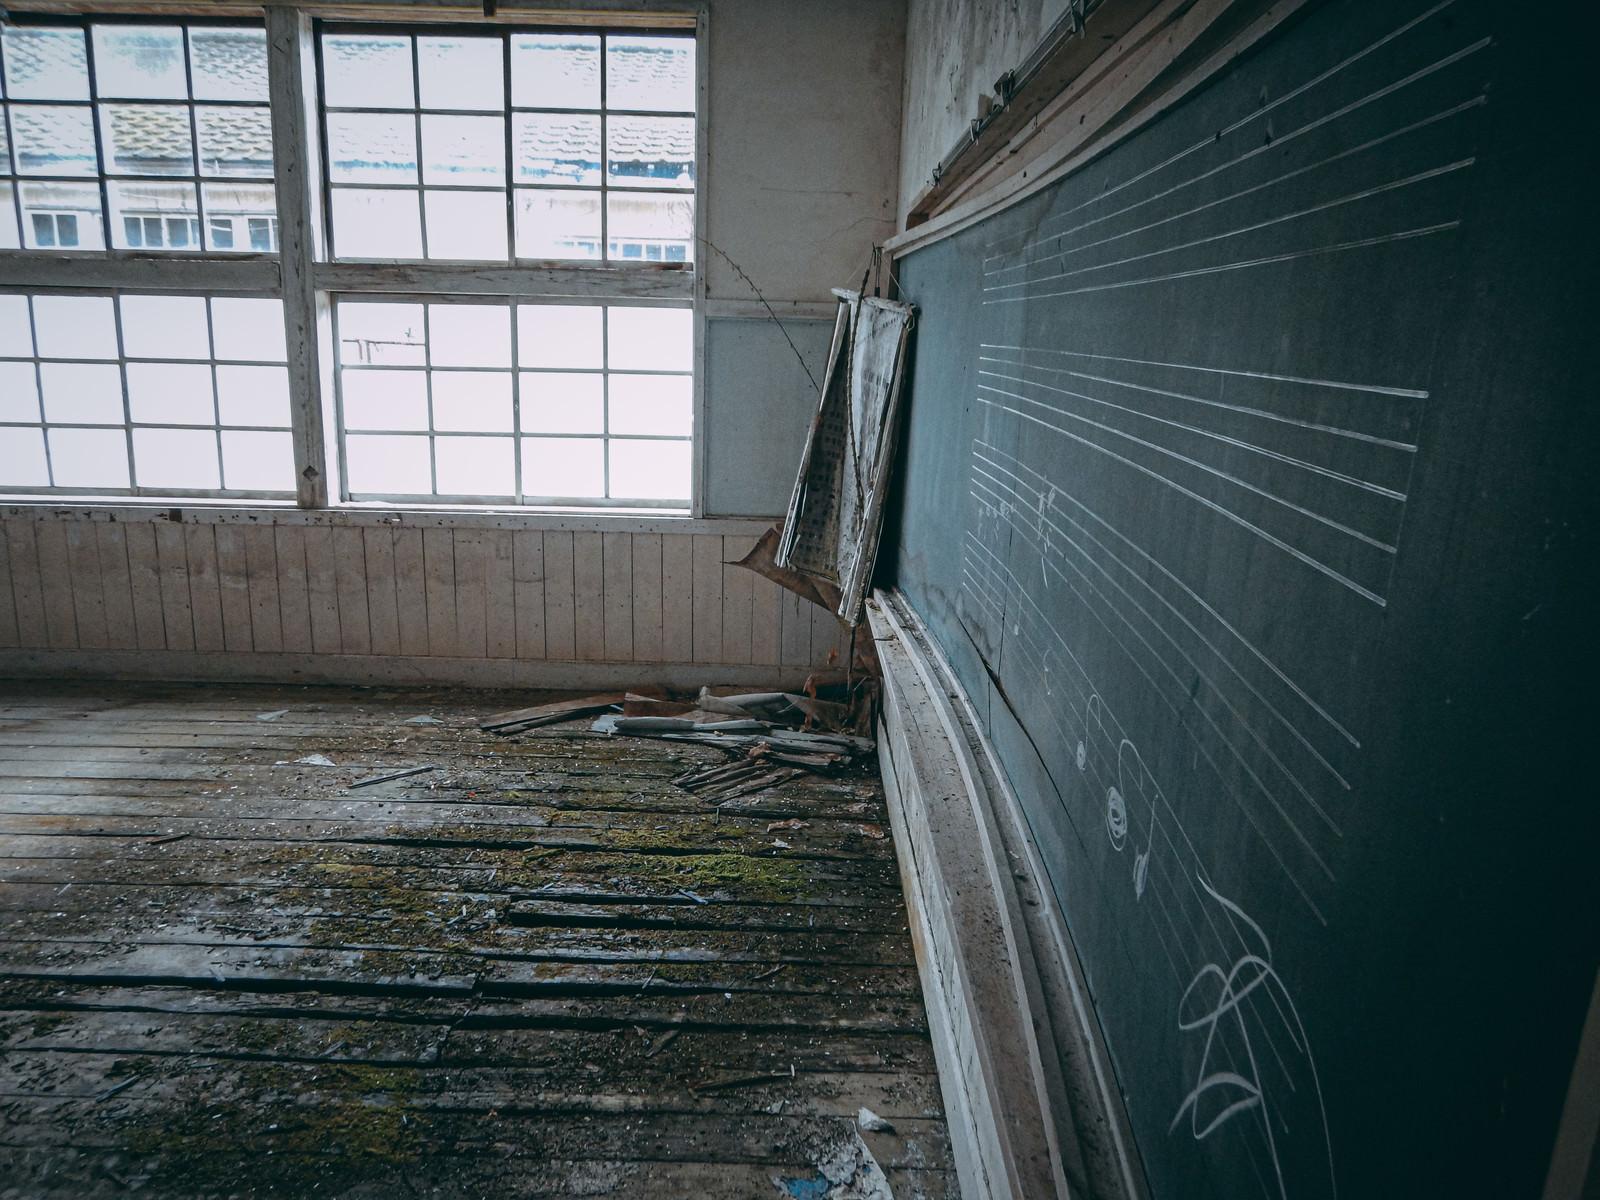 「静かな音色が聴こえてきそうな廃音楽室」の写真